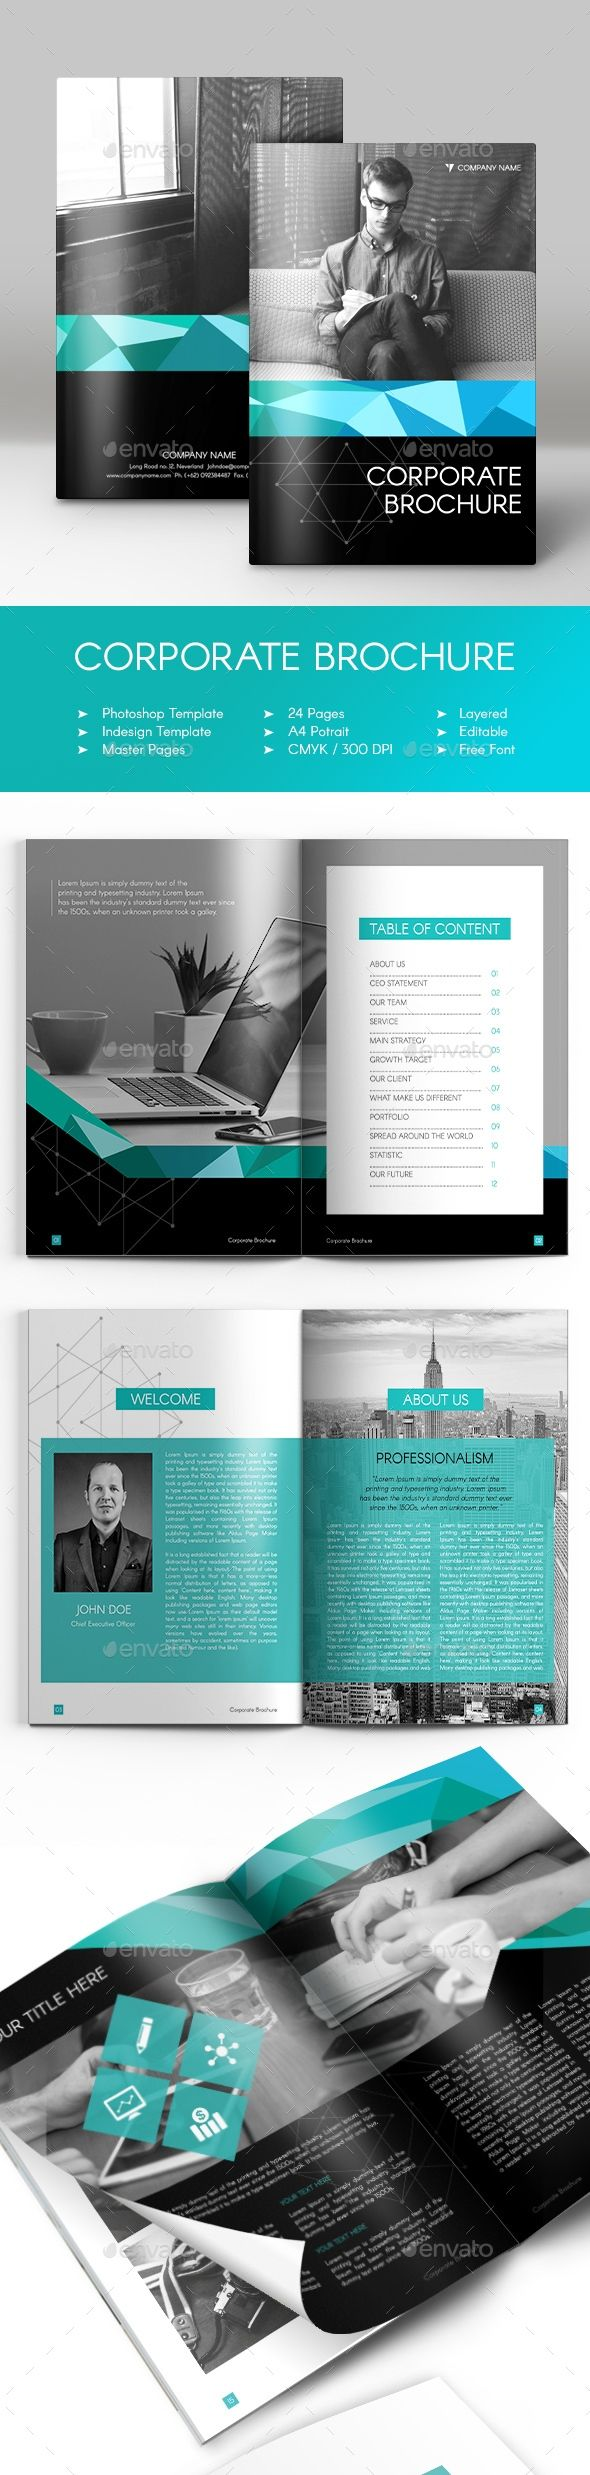 Corporate Brochure Company Profile 6